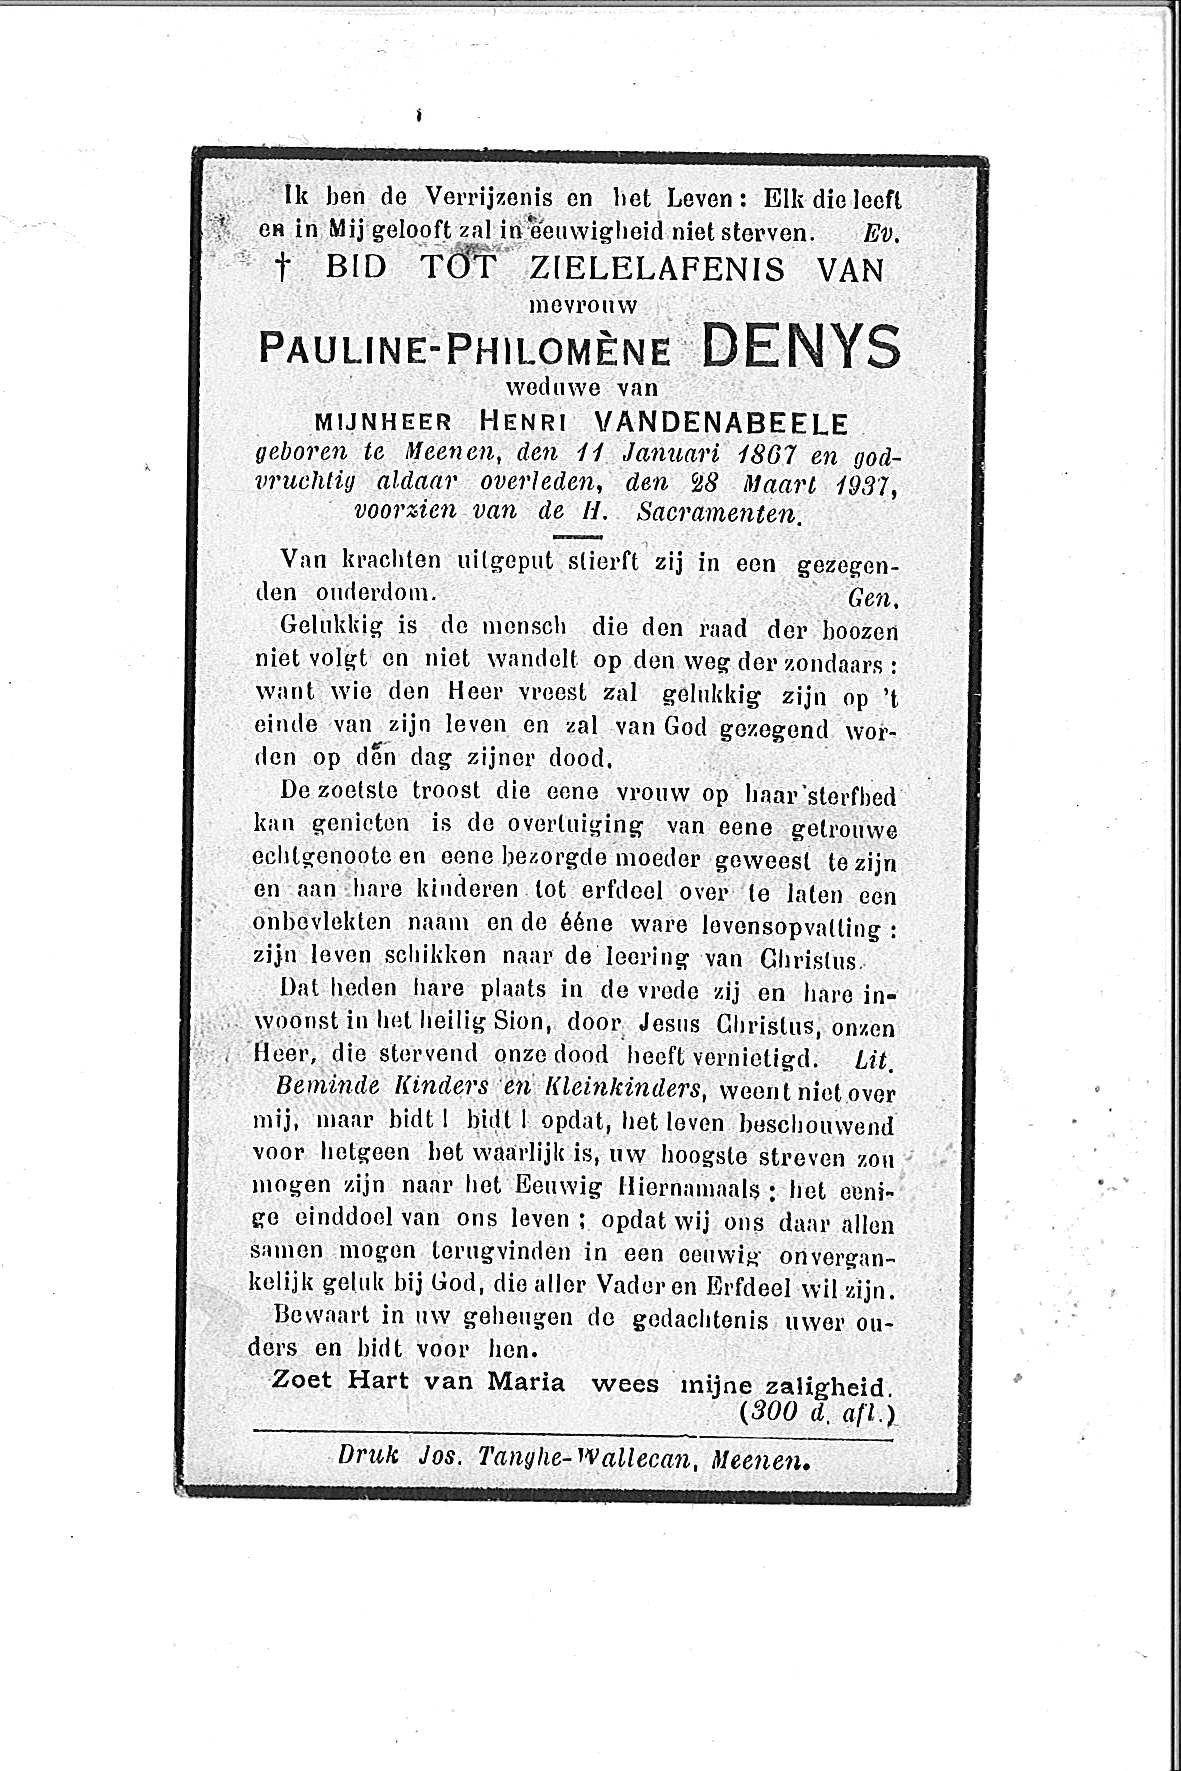 Pauline-Philomene(1937)20150415130638_00004.jpg